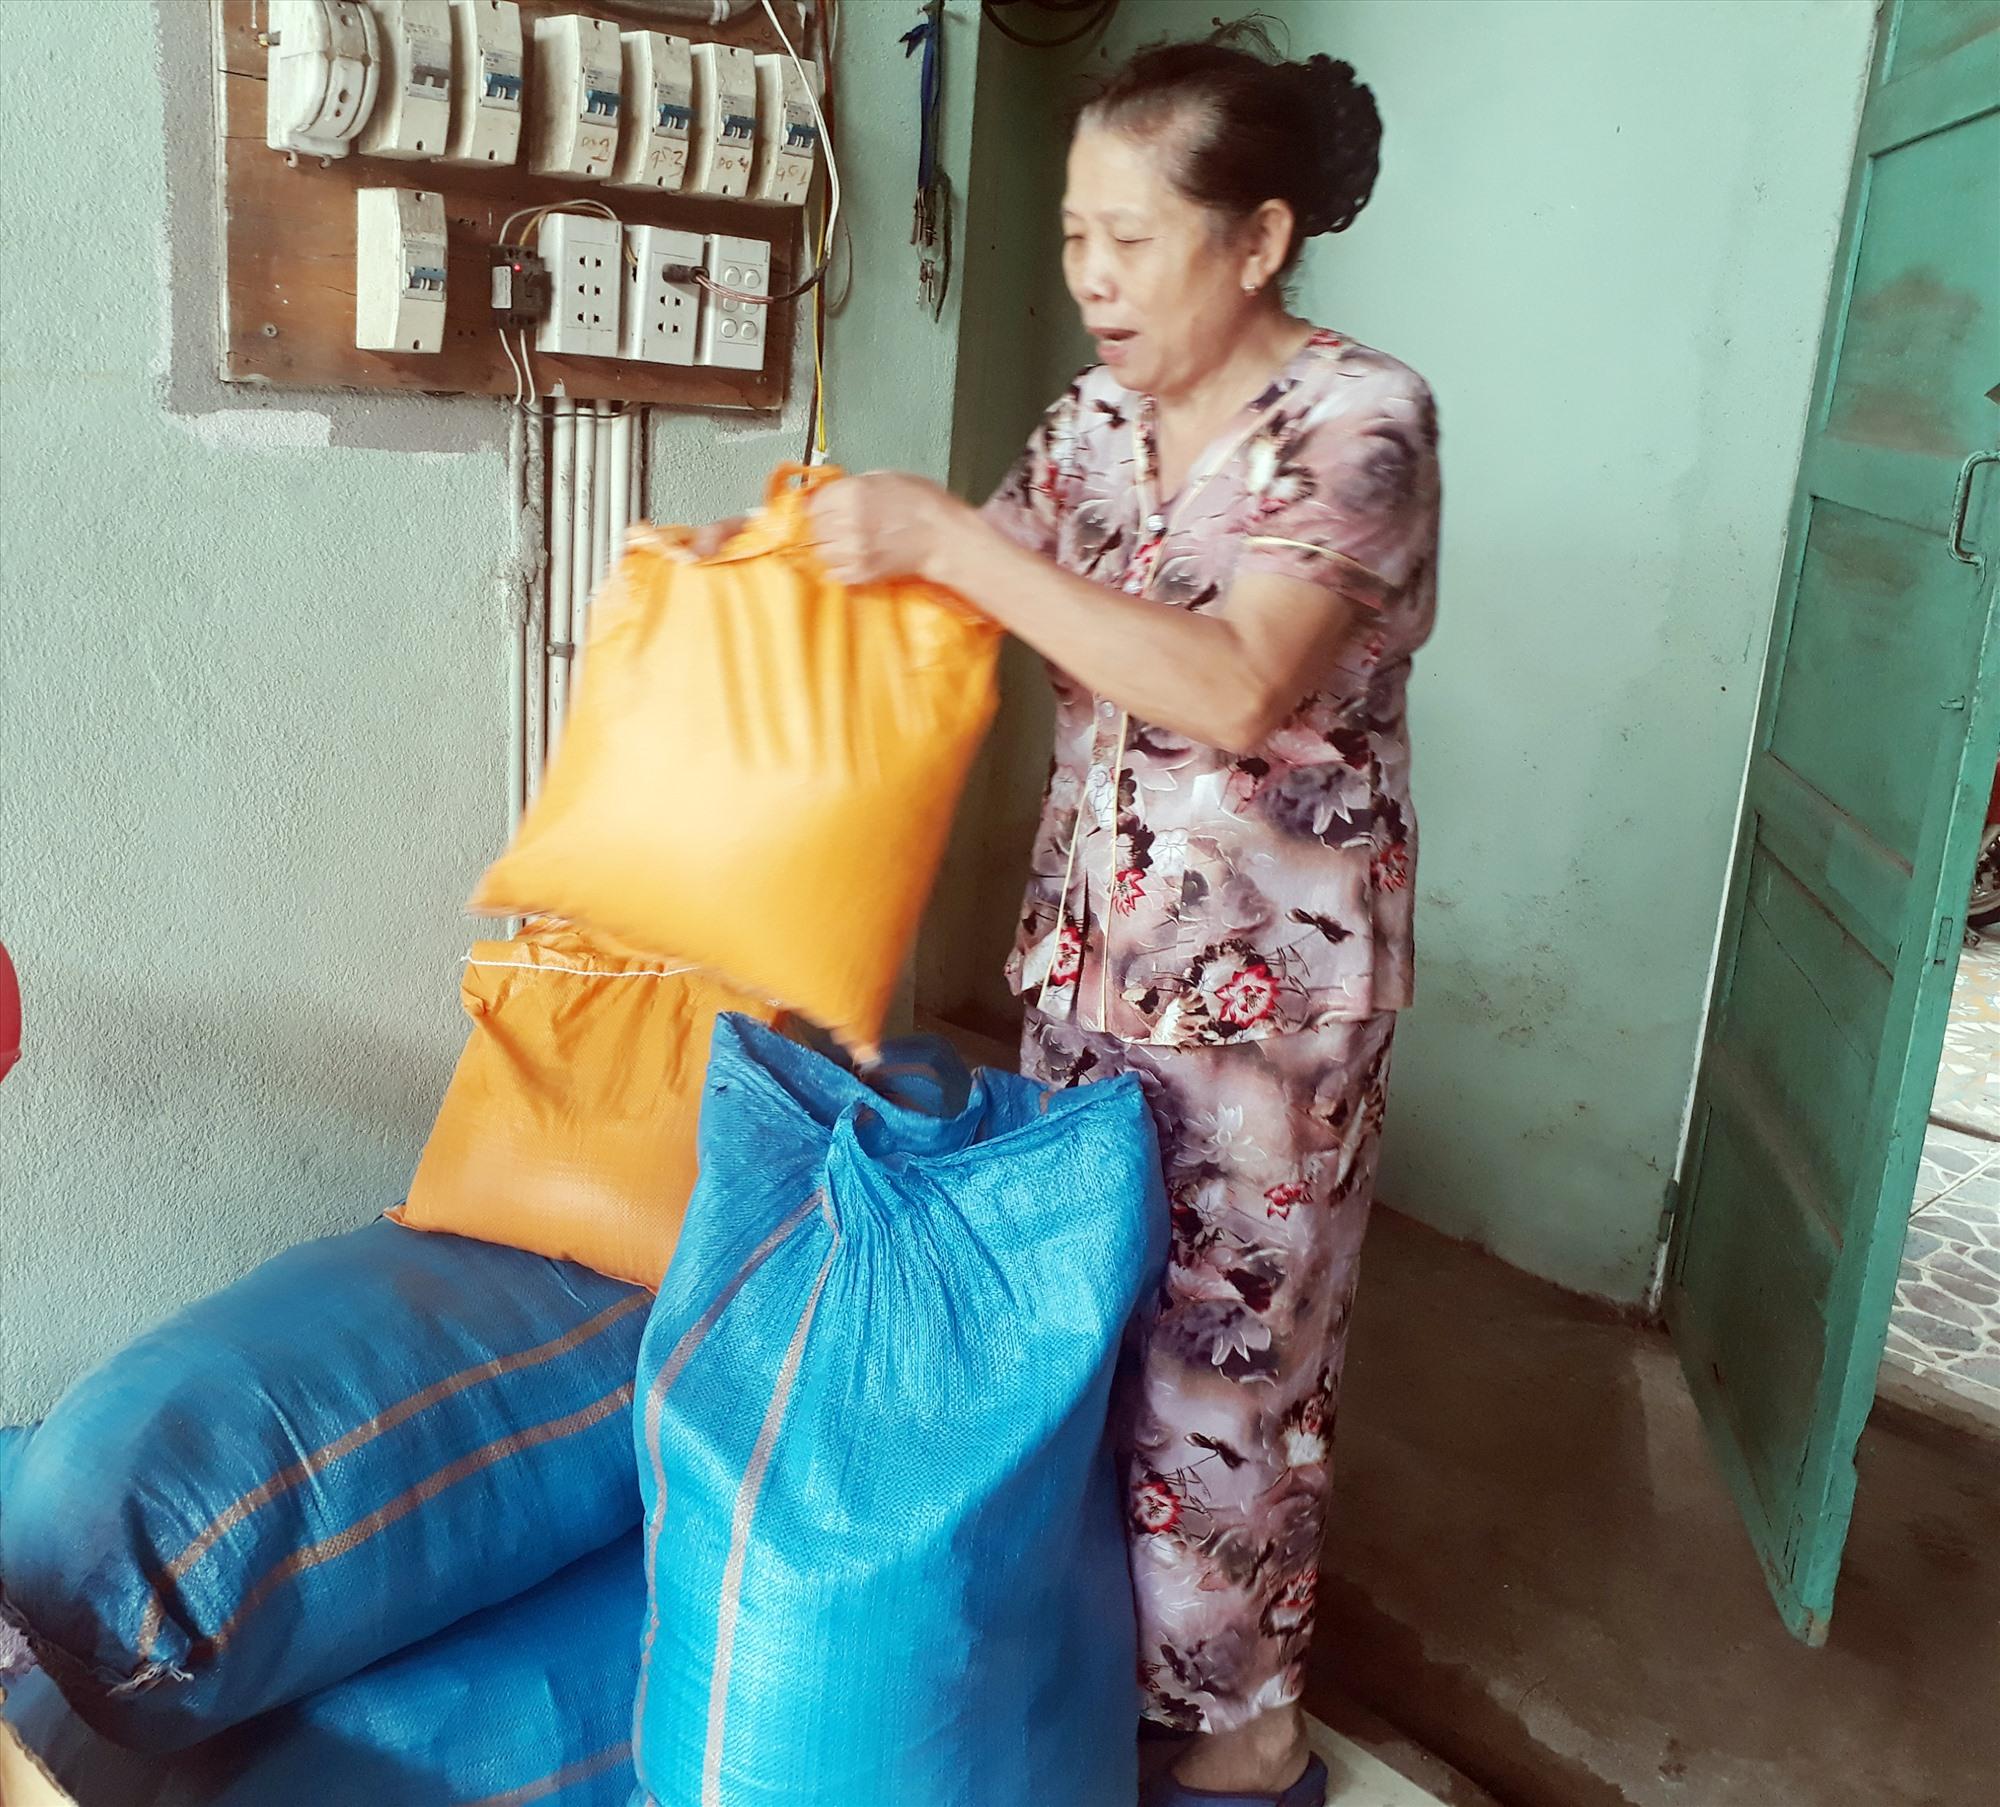 Bà Nguyễn Thị Nhạn chuẩn bị các phần gạo tặng người khó khăn. Ảnh: HUYỀN CHI